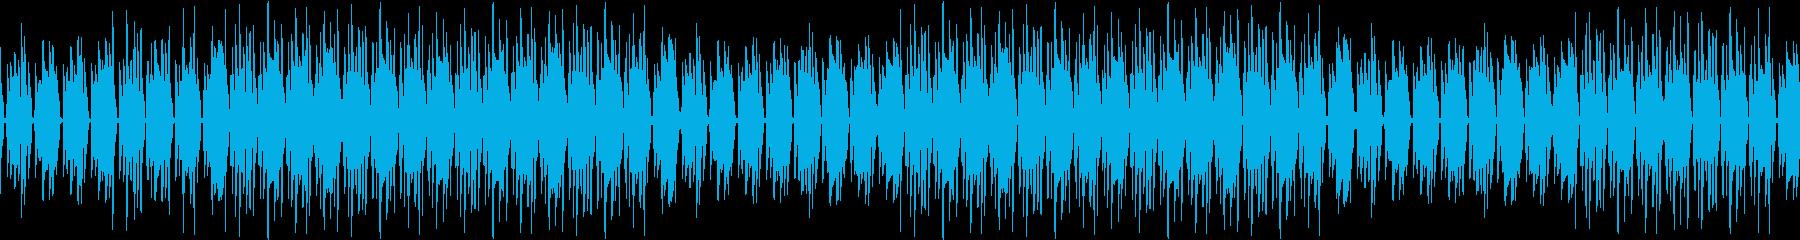 ギター・ブルース・渋い・煙草・ループの再生済みの波形